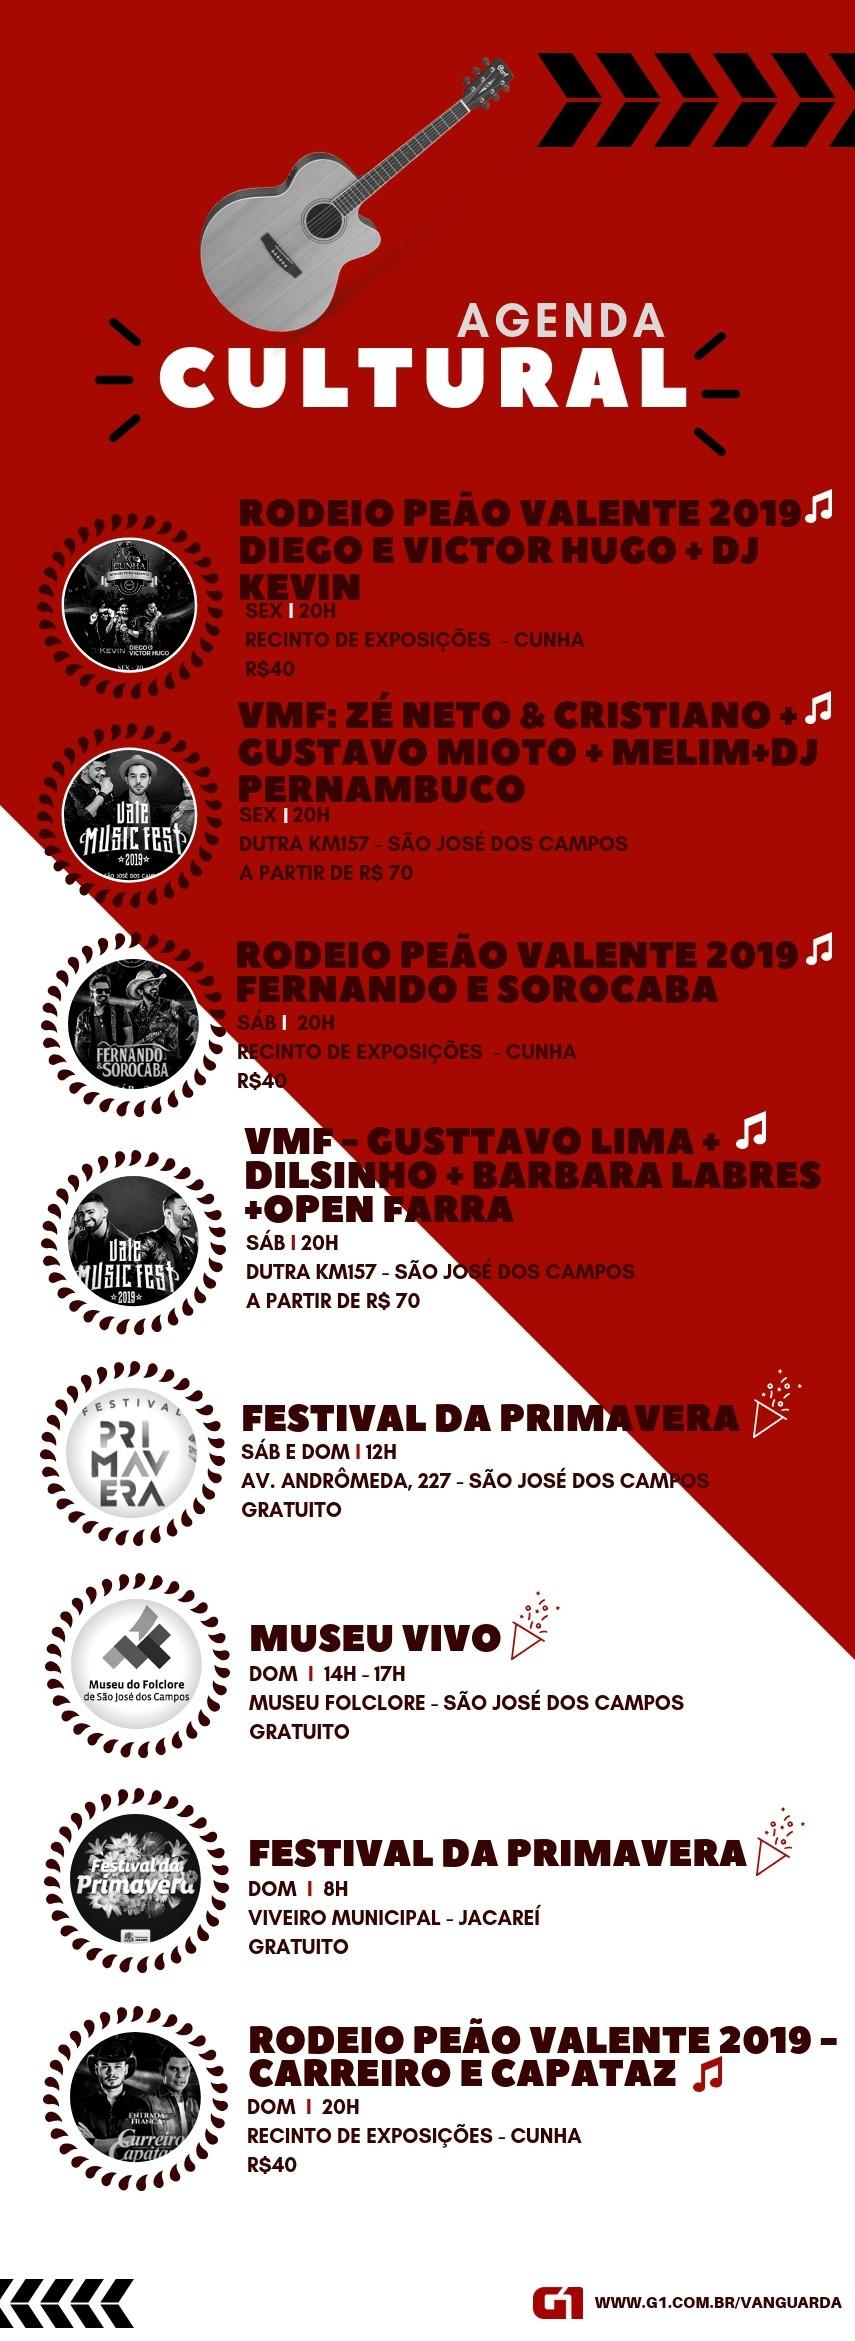 Duplas Zé Neto & Cristiano e Fernando & Sorocaba têm shows na região; veja na agenda - Notícias - Plantão Diário